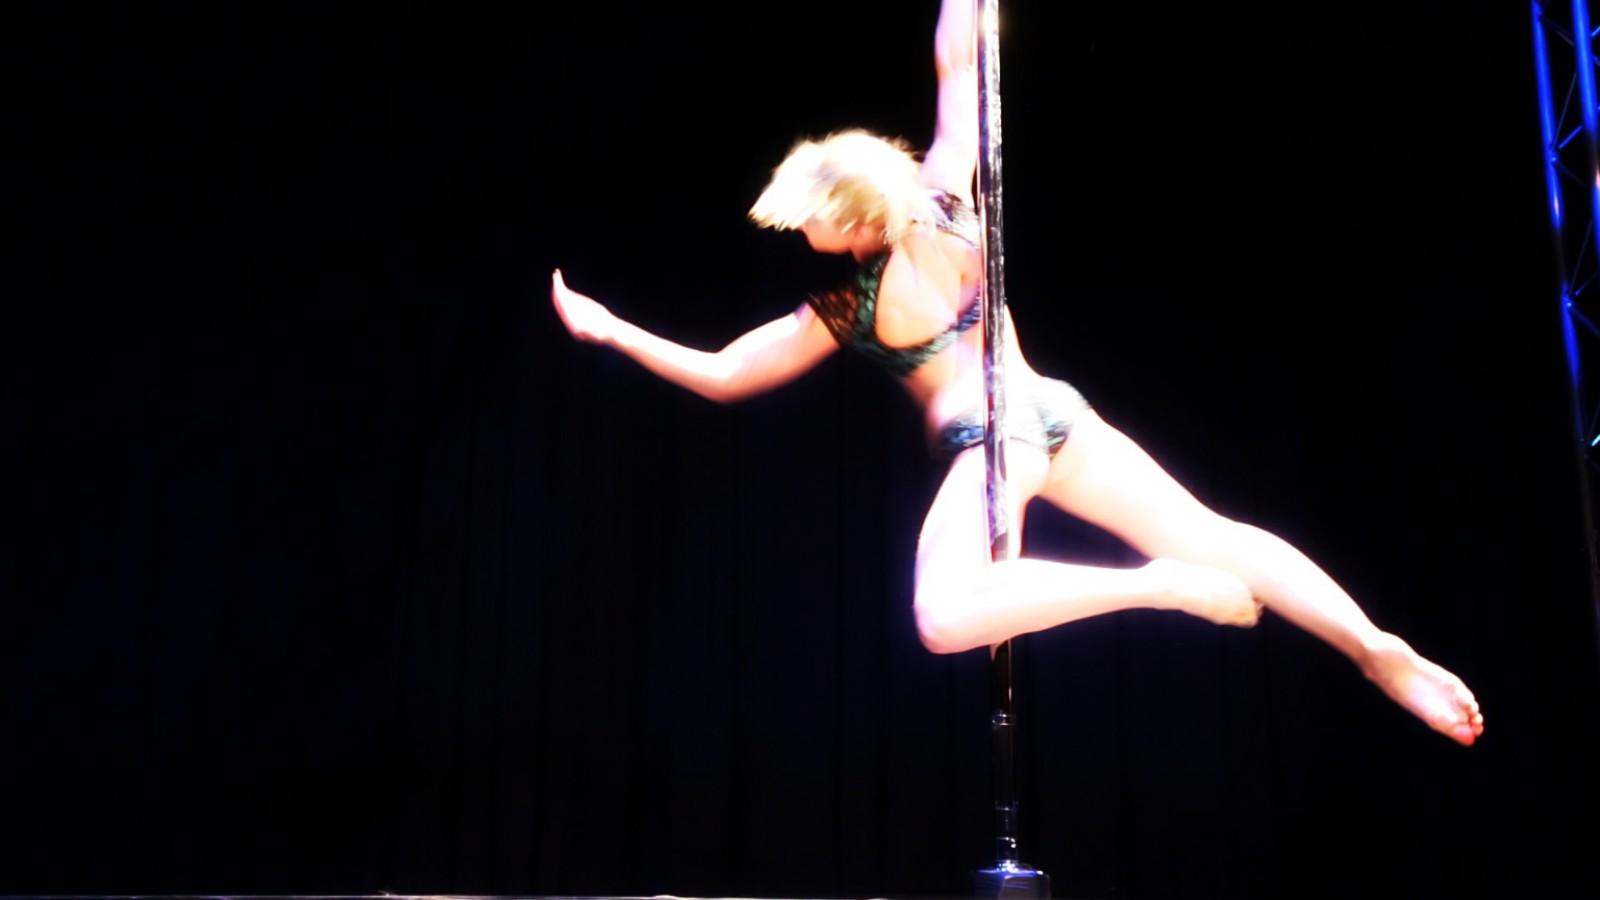 Pole dance photo